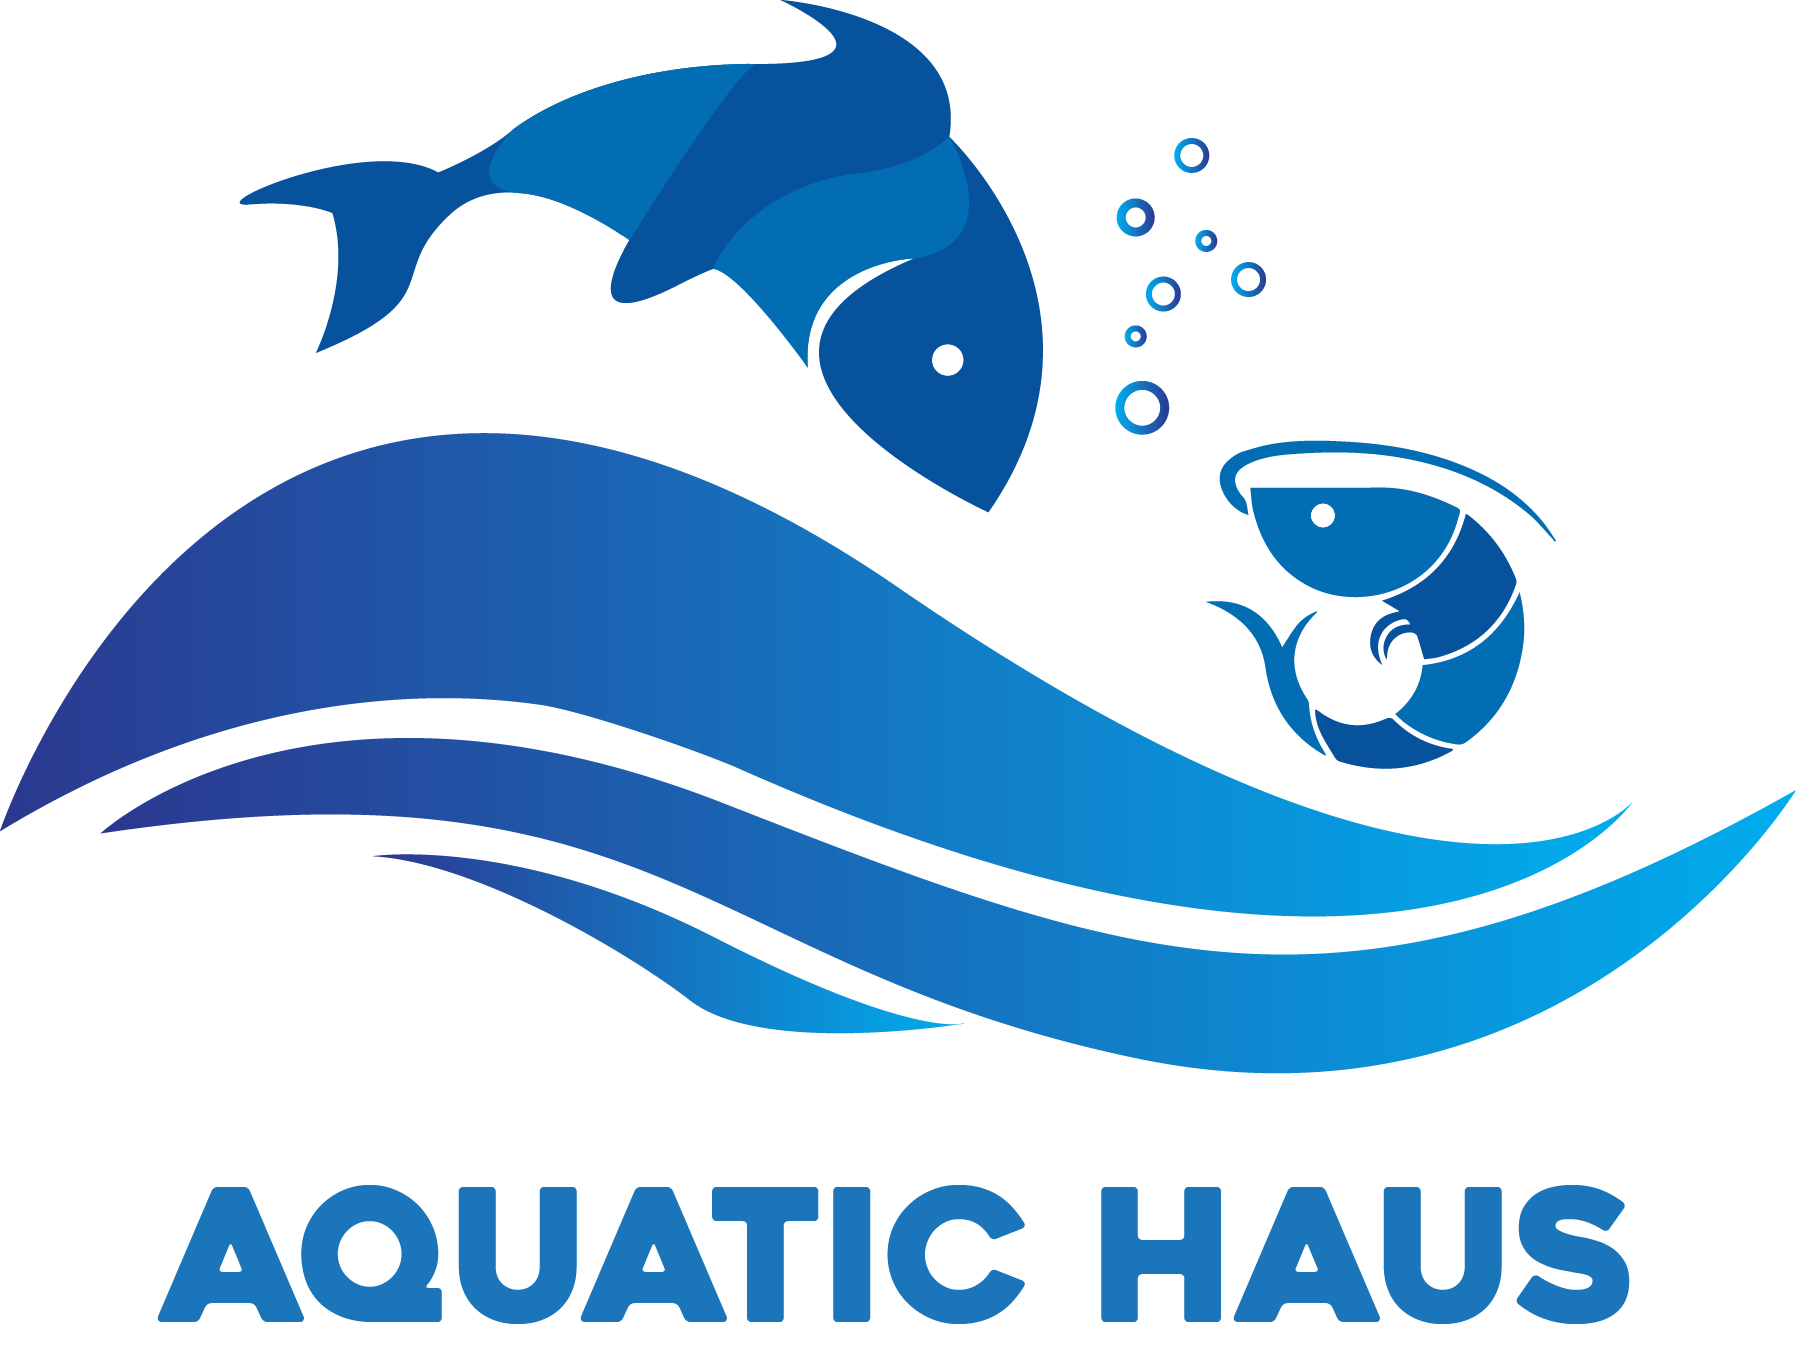 Aquatic Haus